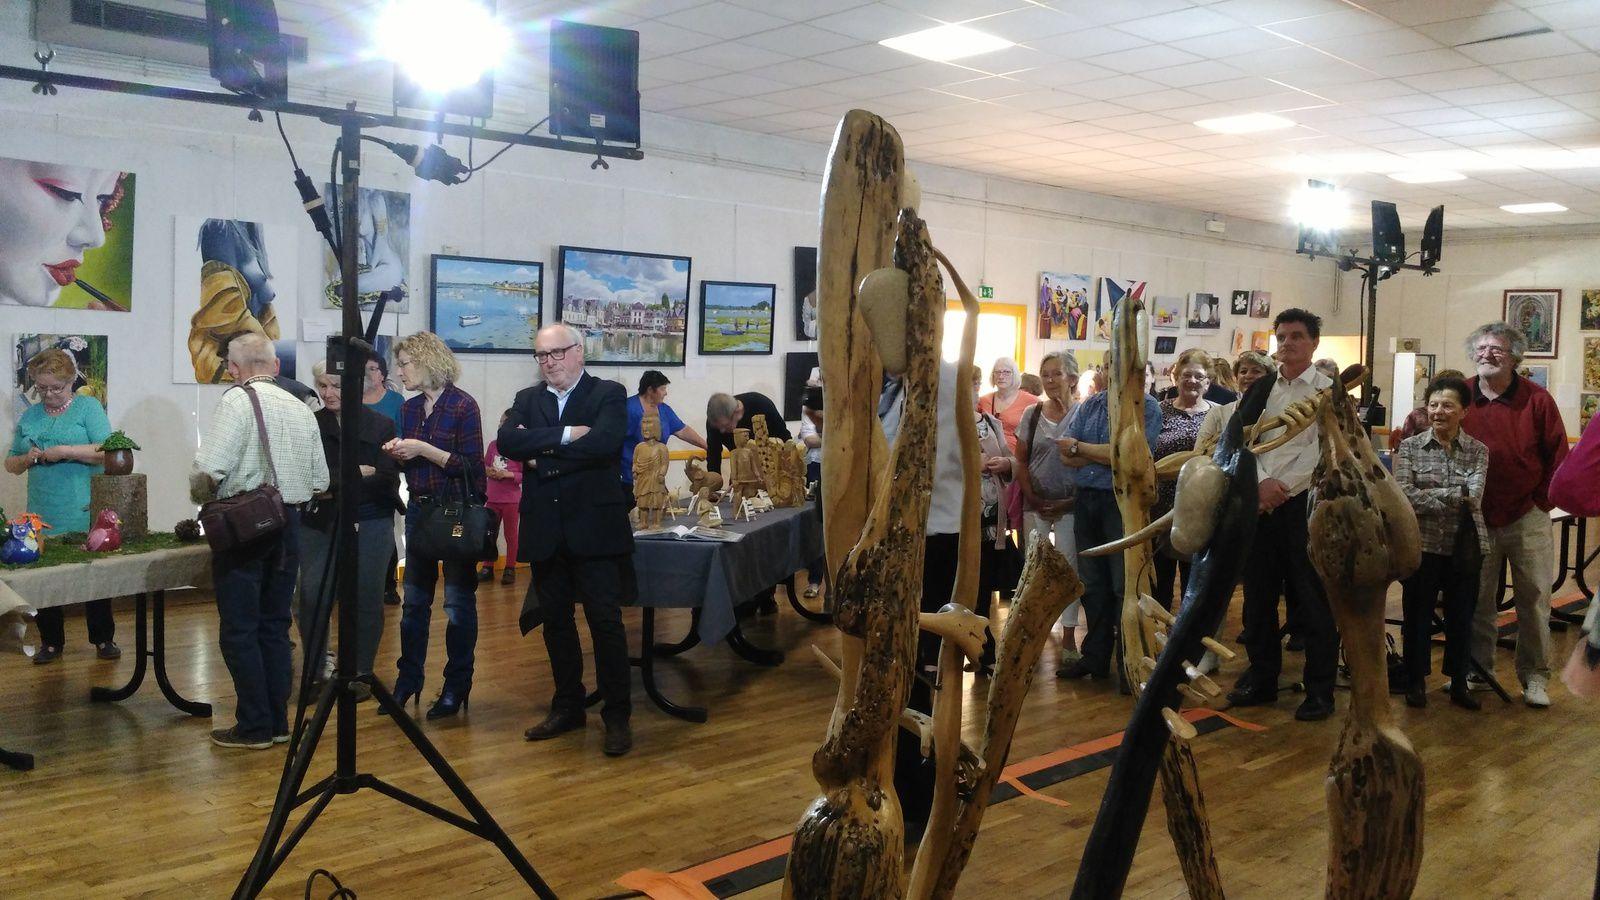 Guilliers - Salon des Arts Figuratifs 2017 - Le vernissage